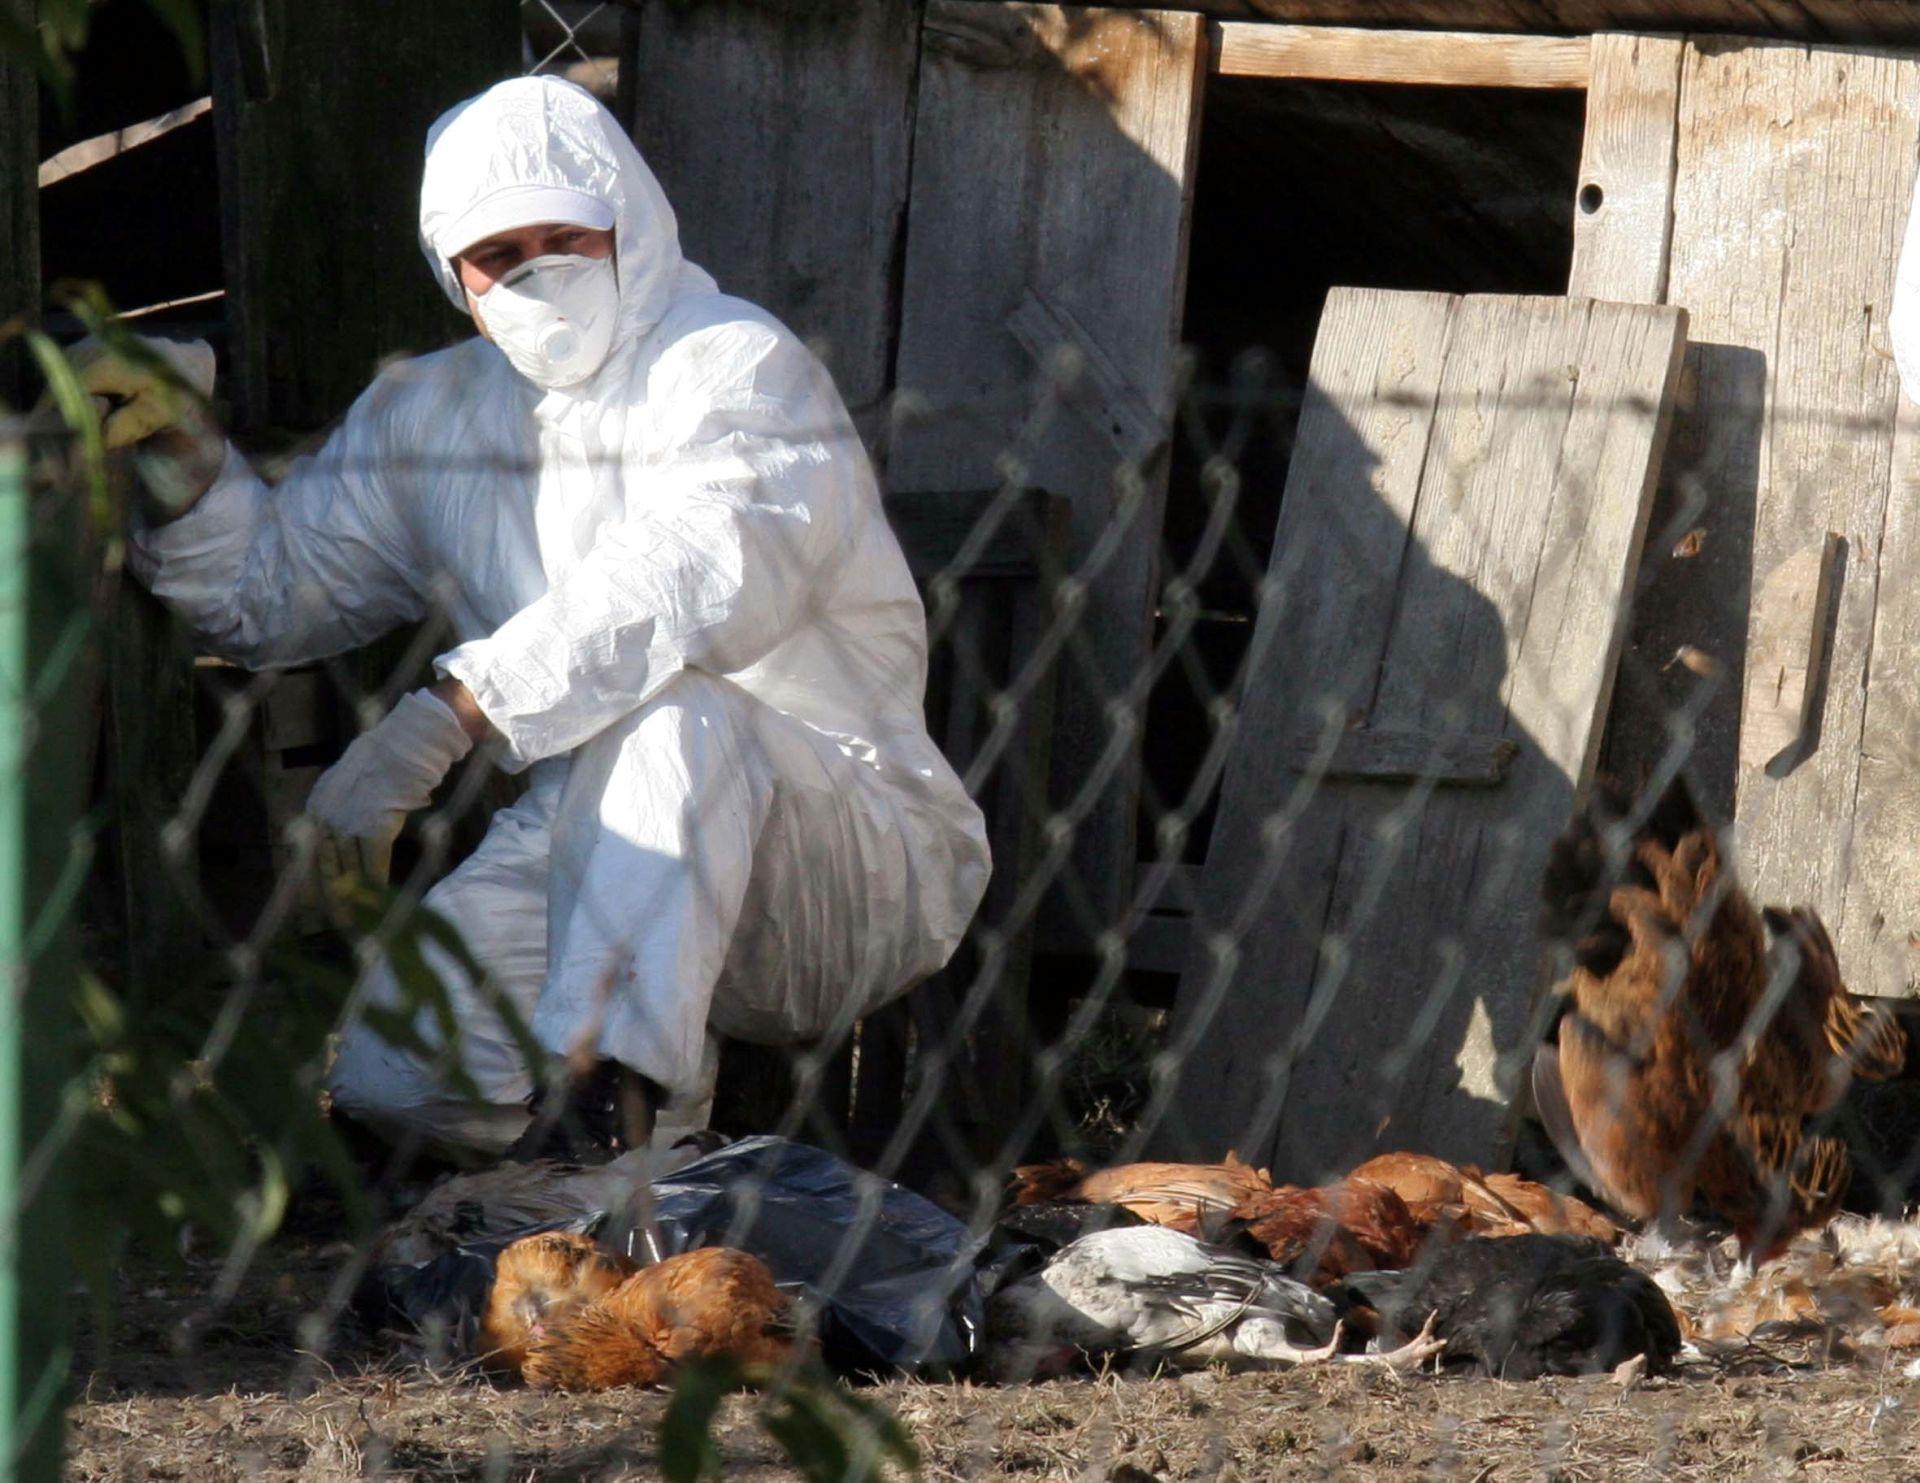 MINISTARSTVO POLJOPRIVREDE: Kod domaće peradi utvrđena ptičja gripa, nema opasnosti od širenja